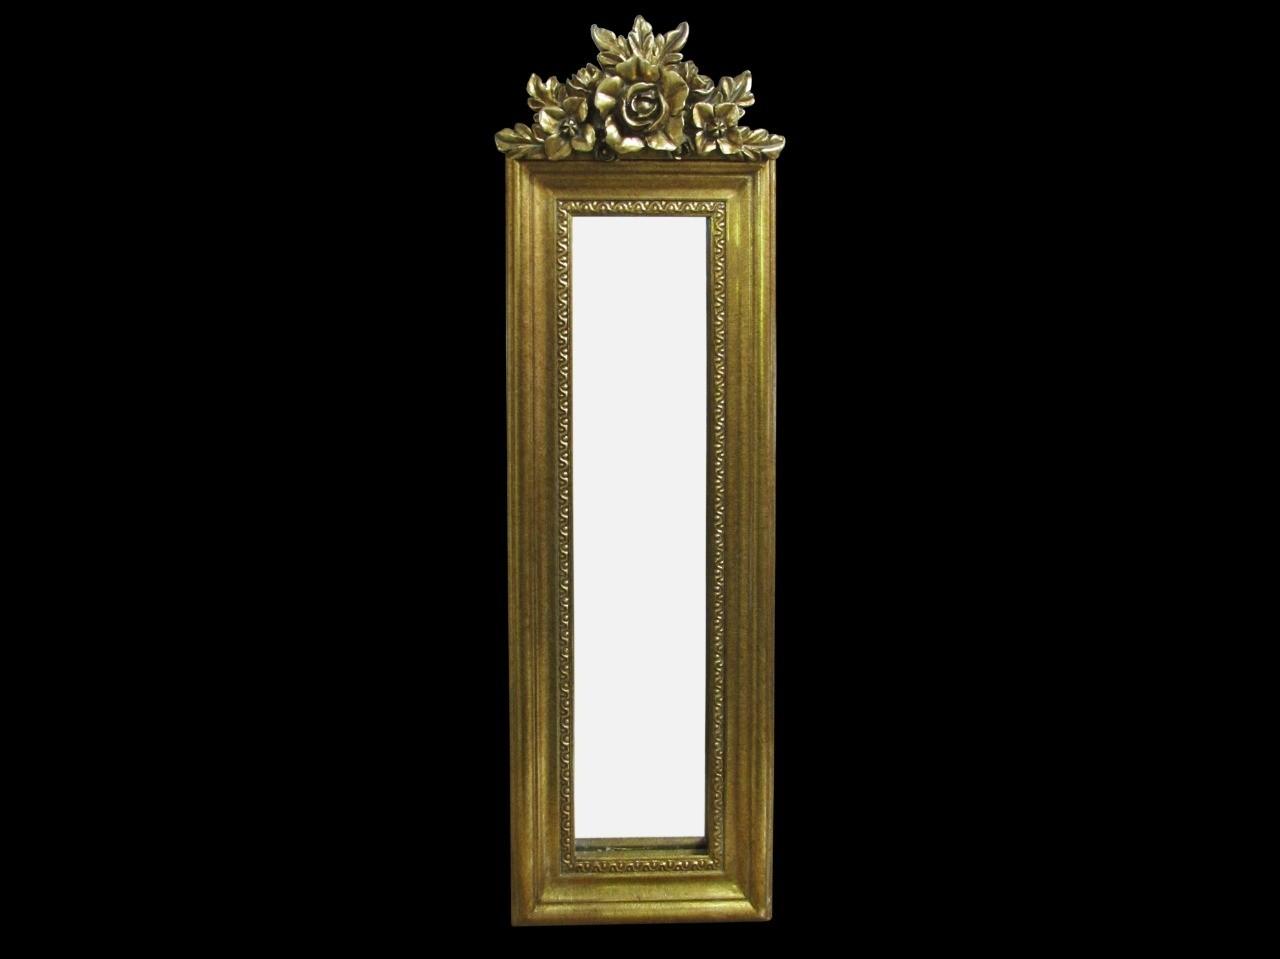 Espelho Retangular Moldura Dourada com Detalhe de Flor - Frontier